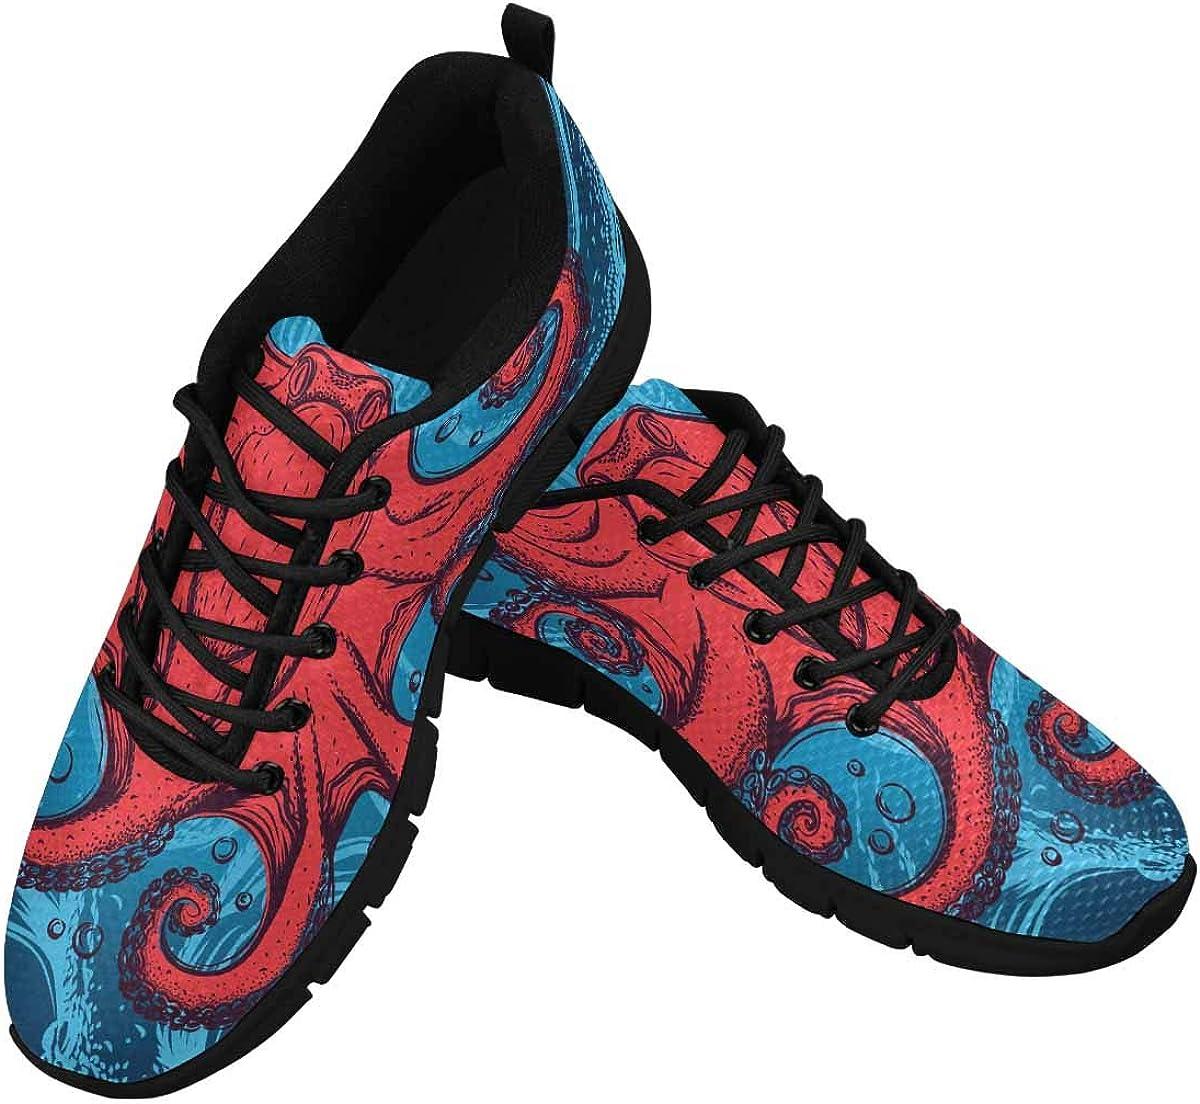 INTERESTPRINT Red Max 68% OFF Octopus Women's Casu Walking unisex Lightweight Shoes